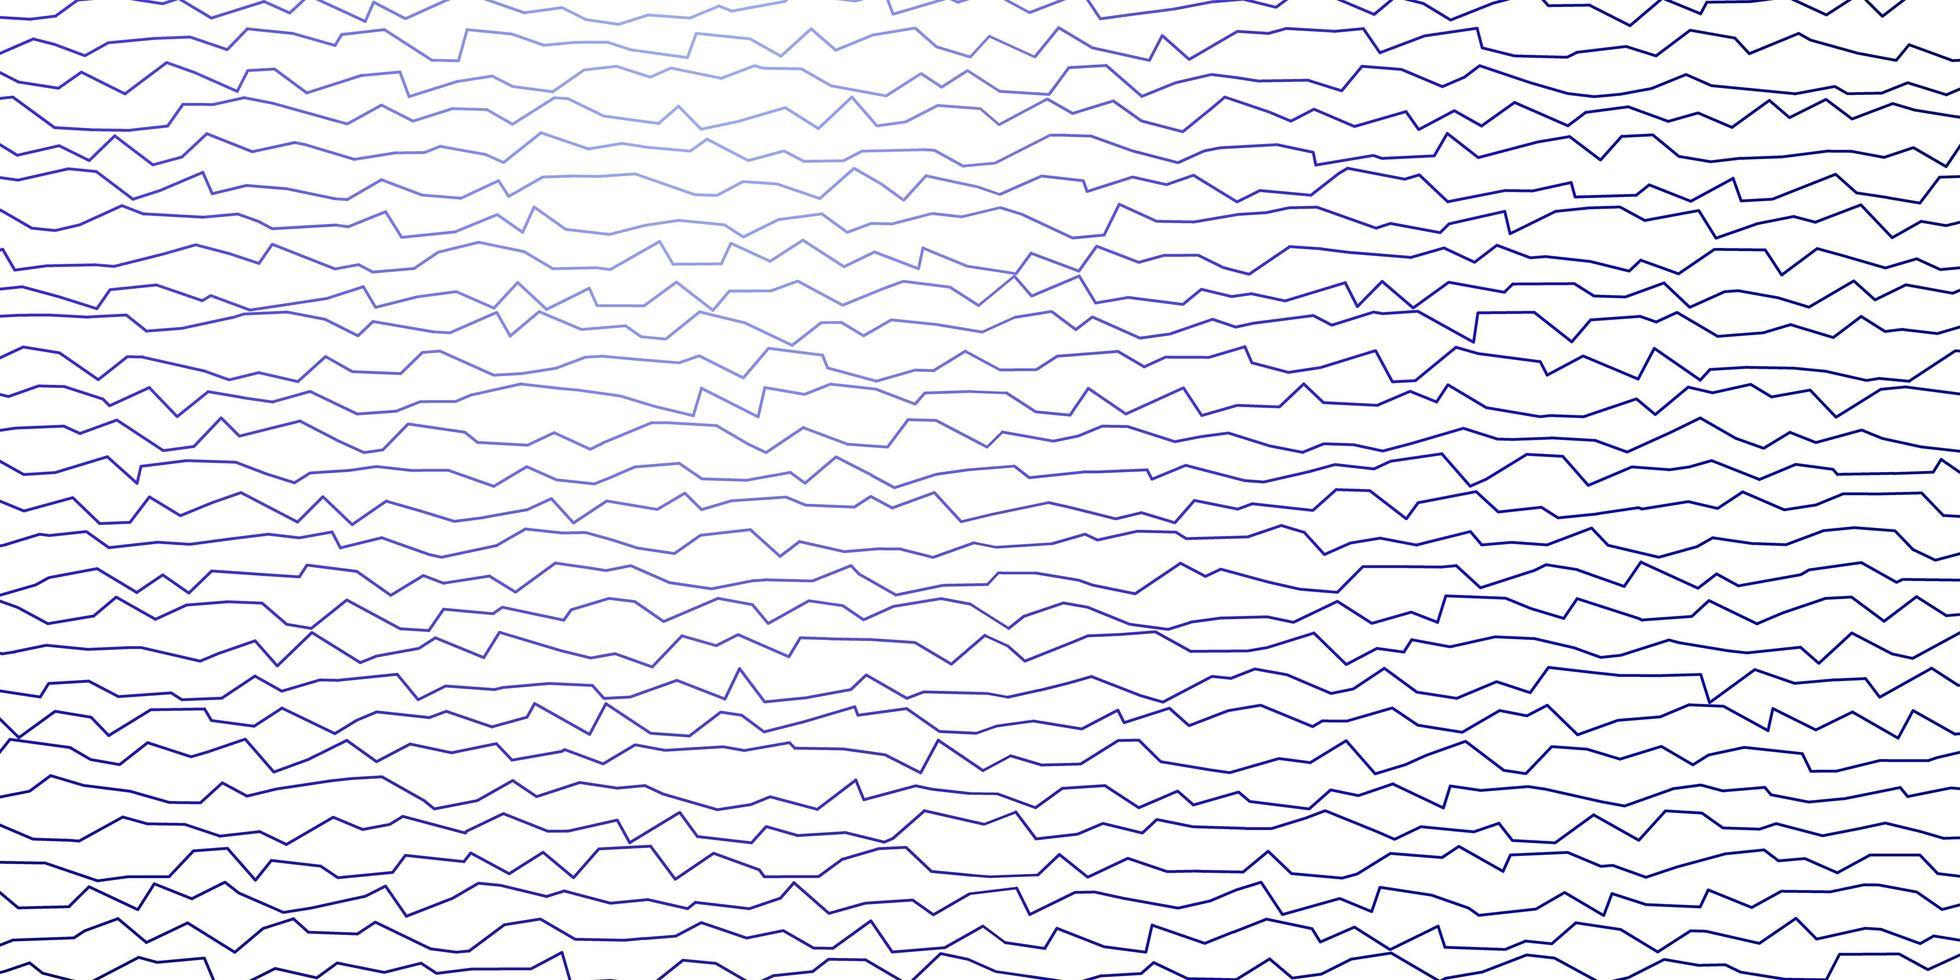 Telón de fondo de vector púrpura oscuro con arco circular.